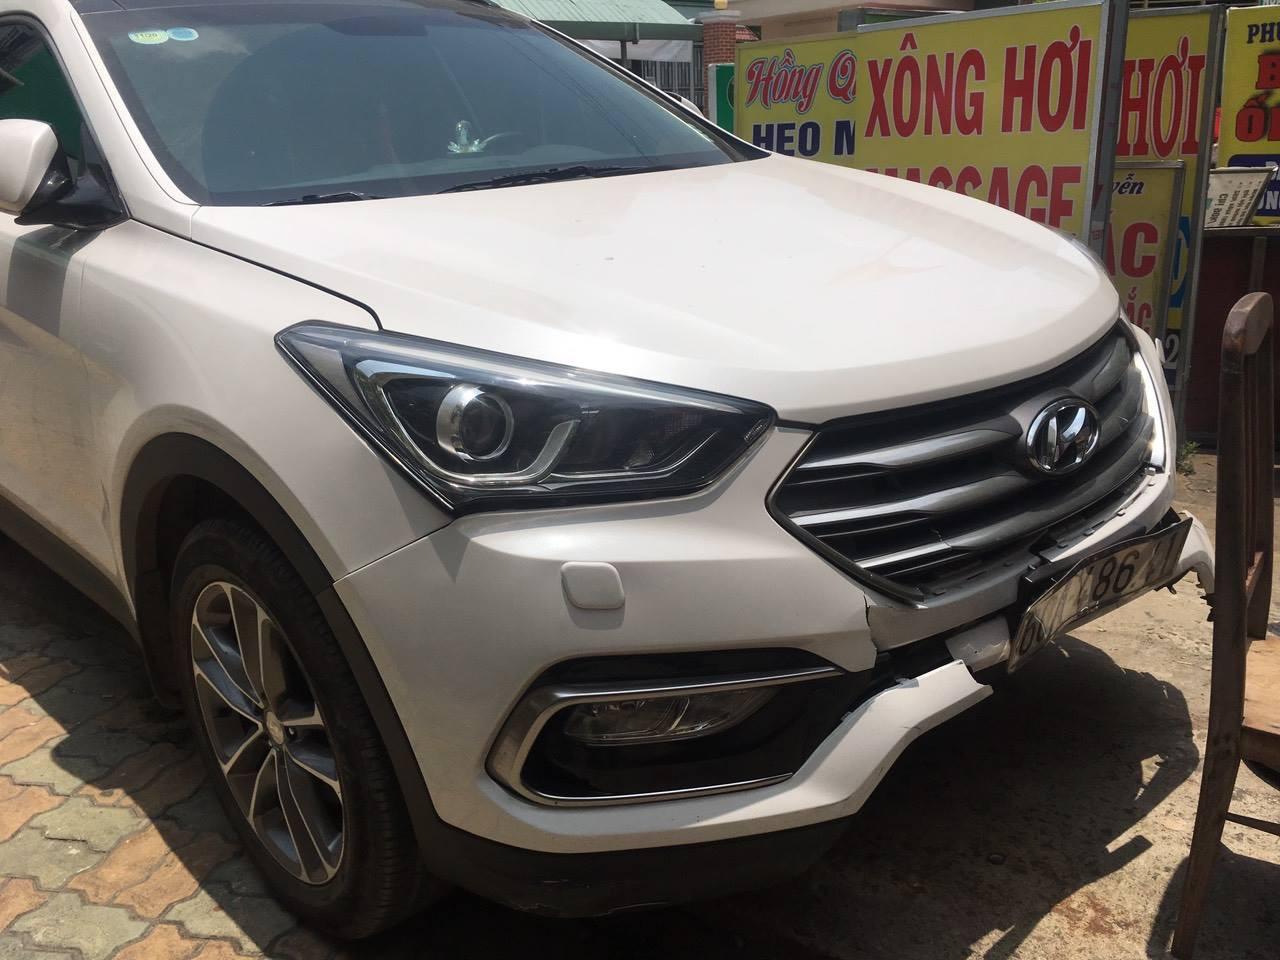 Thanh niên lái ô tô truy đuổi 2 kẻ cướp trên xa lộ Hà Nội, 1 người tử vong - Ảnh 2.